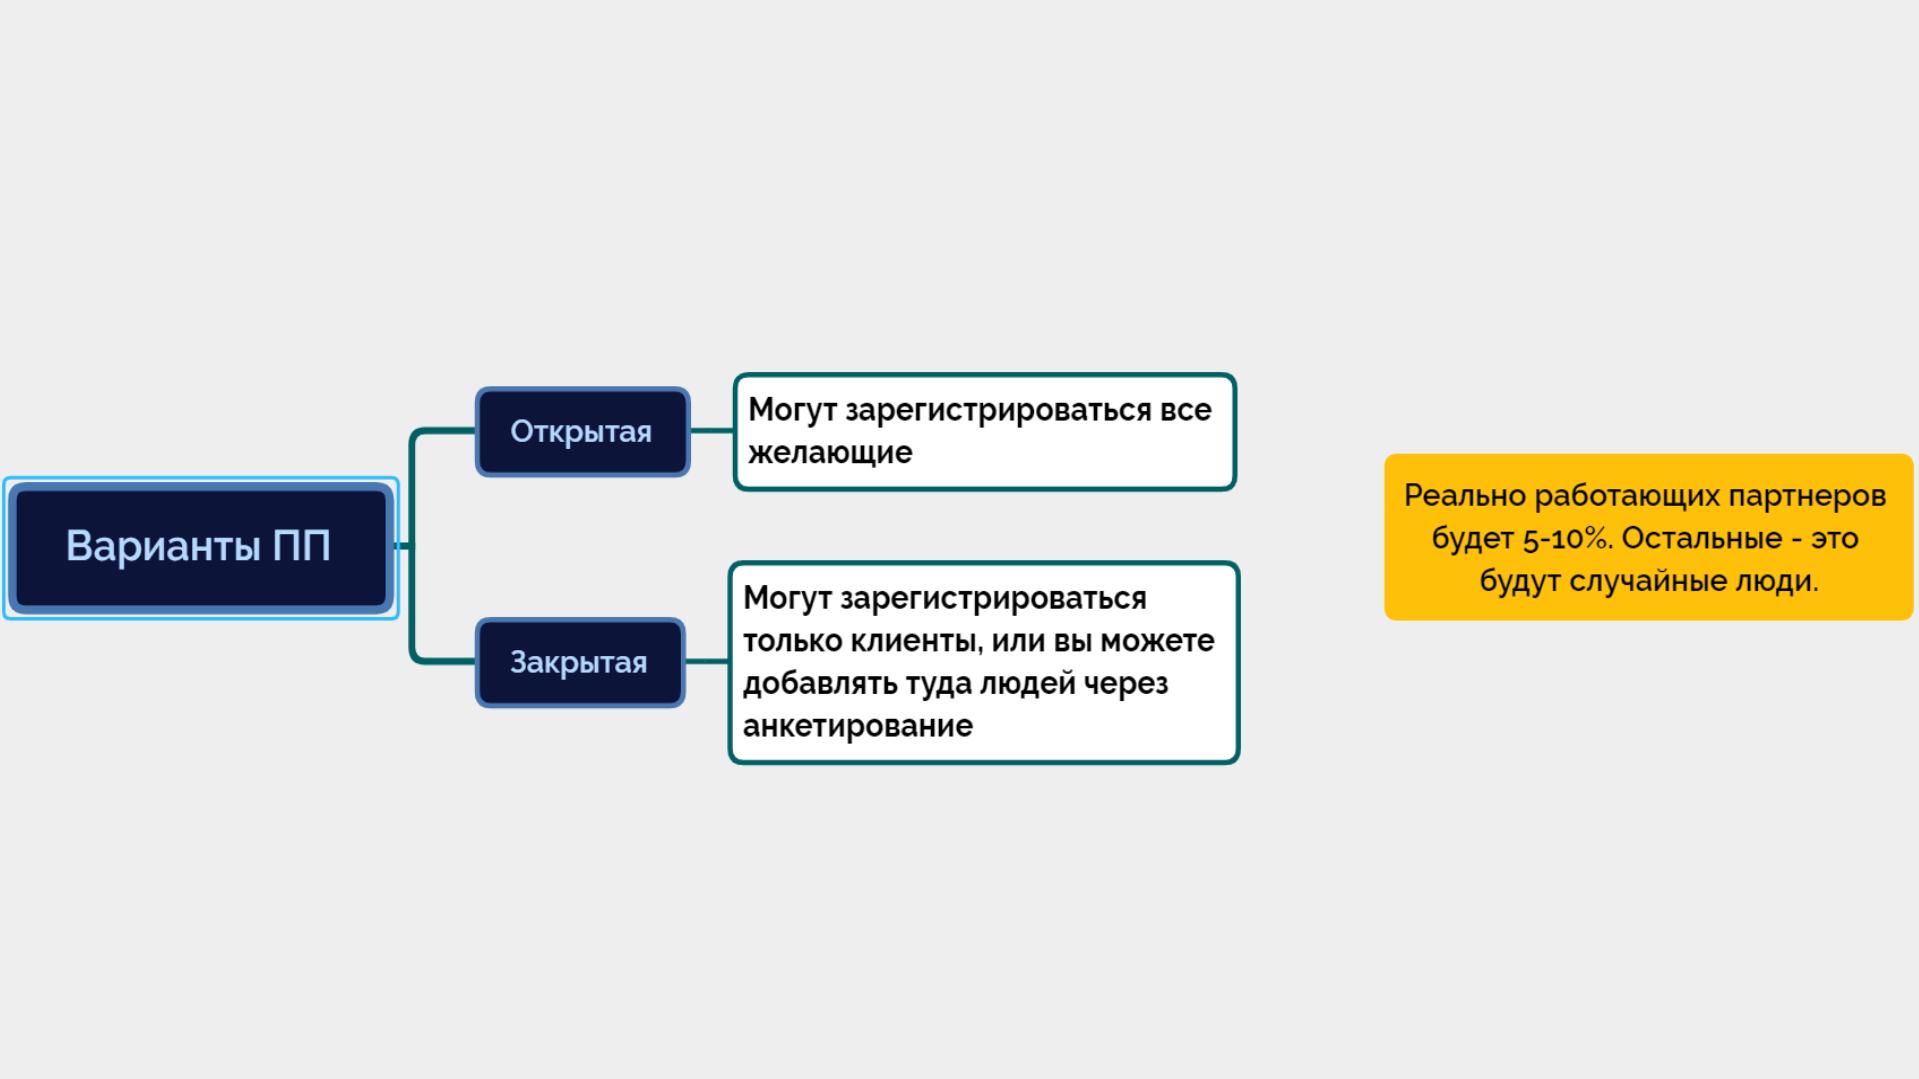 как запустить партнерскую программу